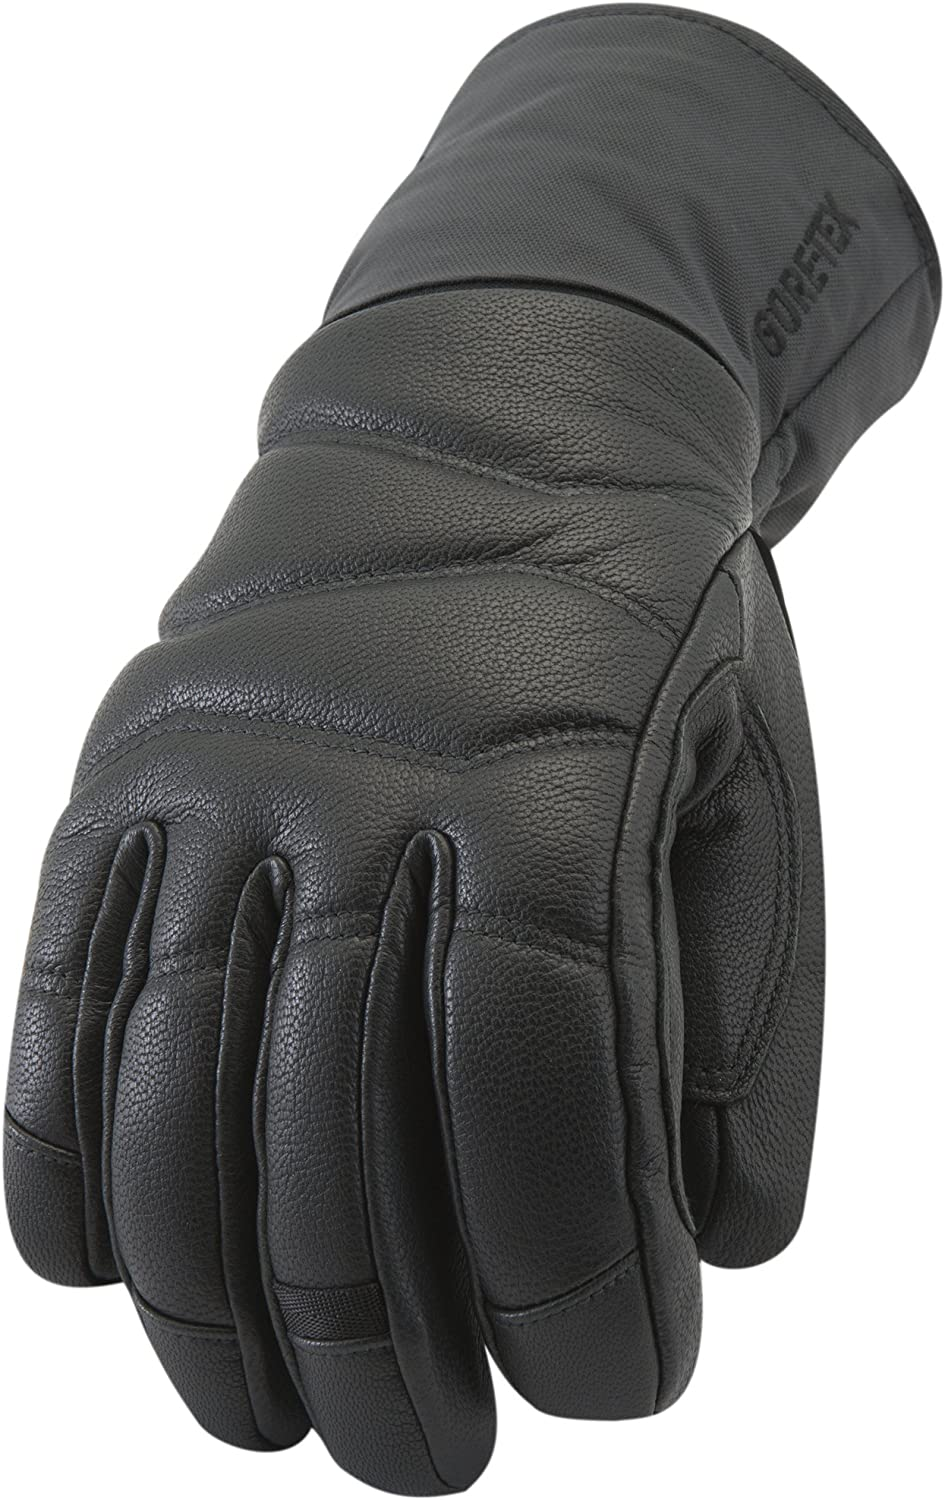 Great interest Black Diamond Minneapolis Mall Women's Iris Gloves Skiing